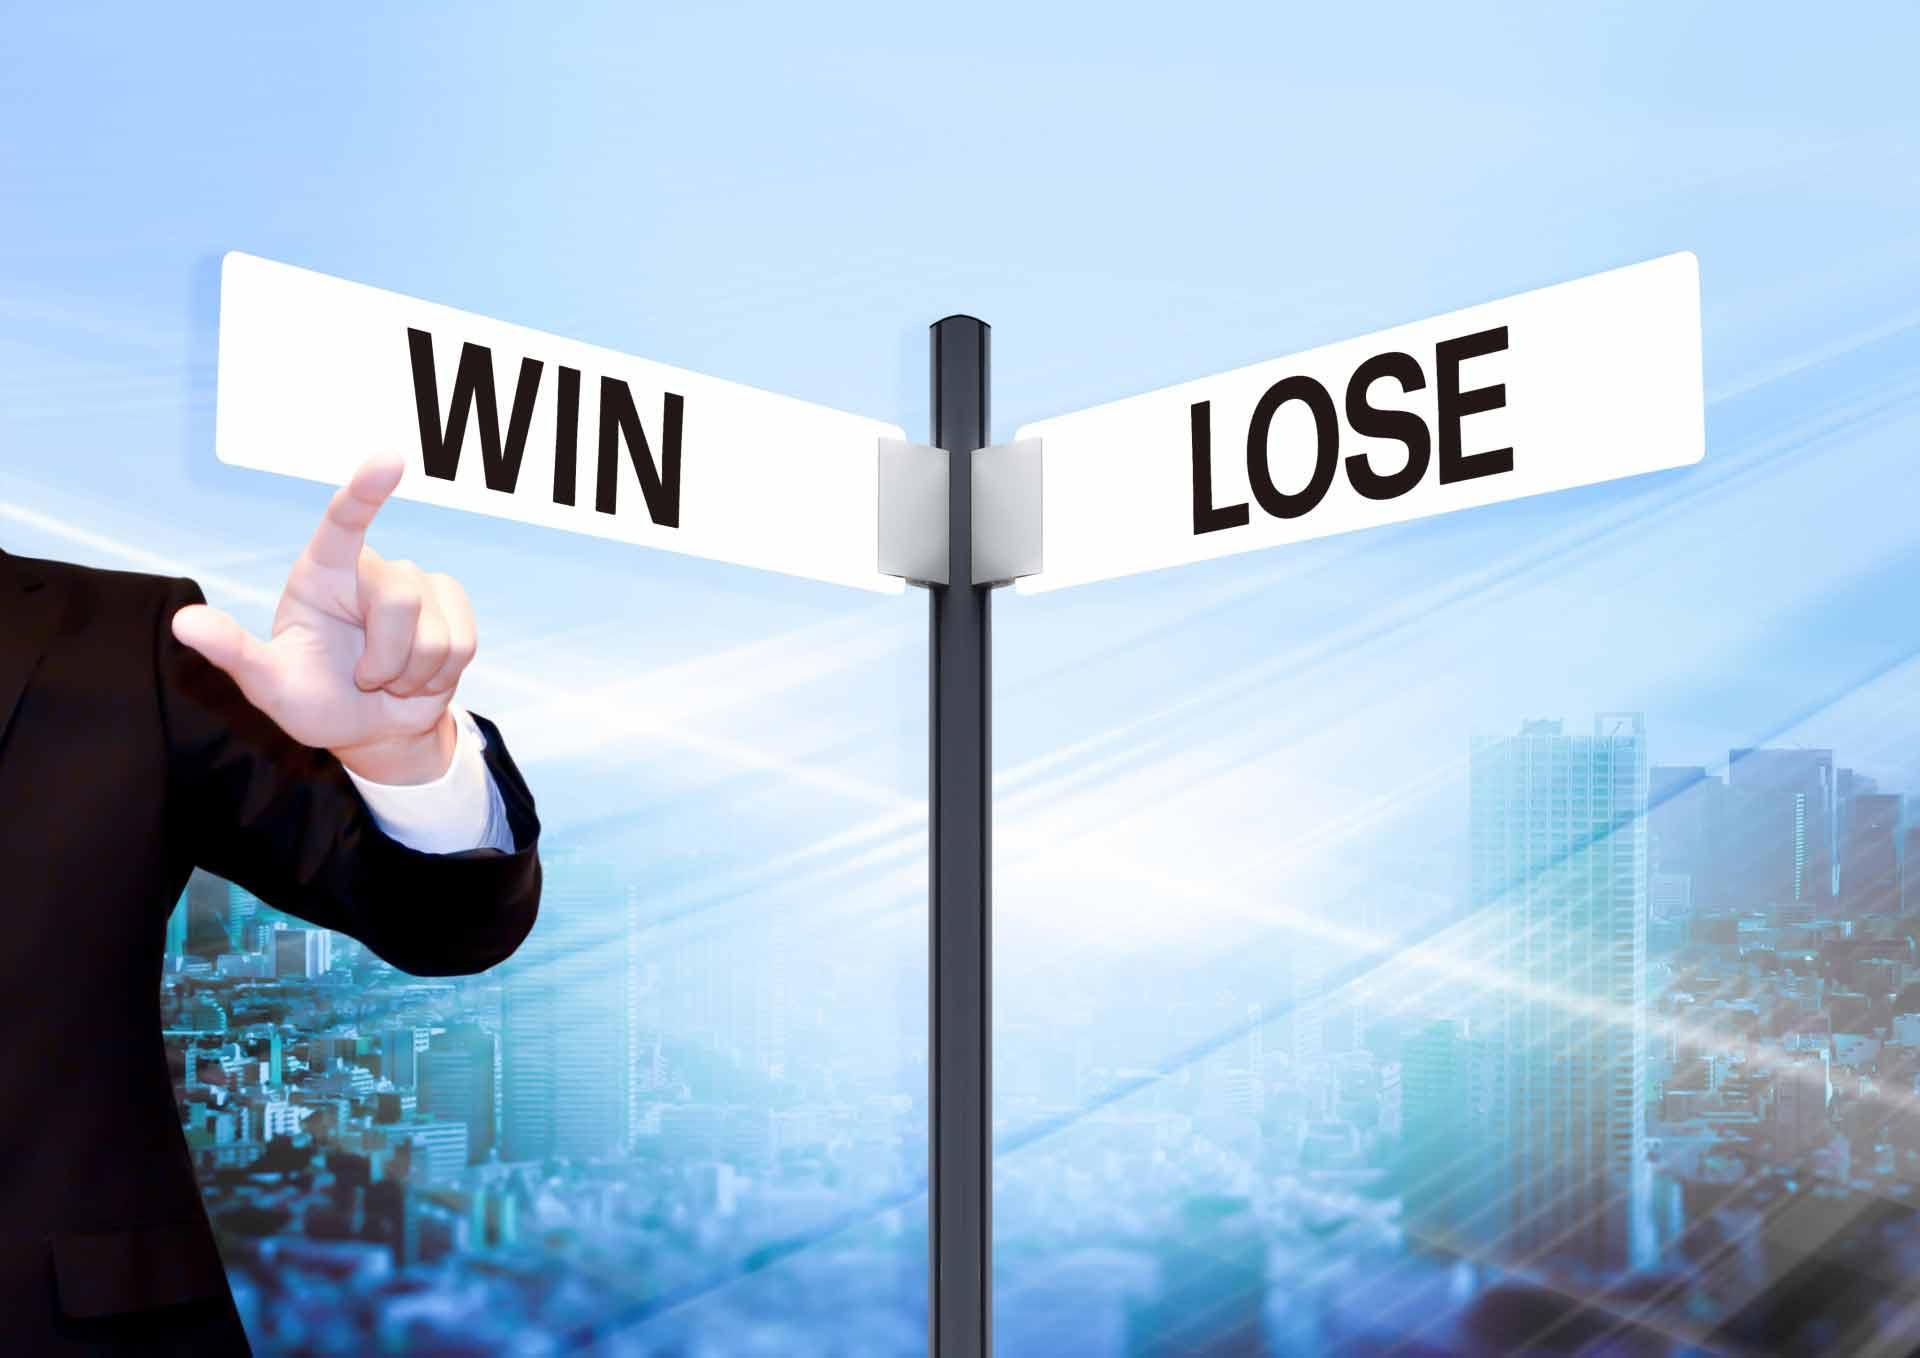 「WIN LOSE」と書かれた看板を指さす男性